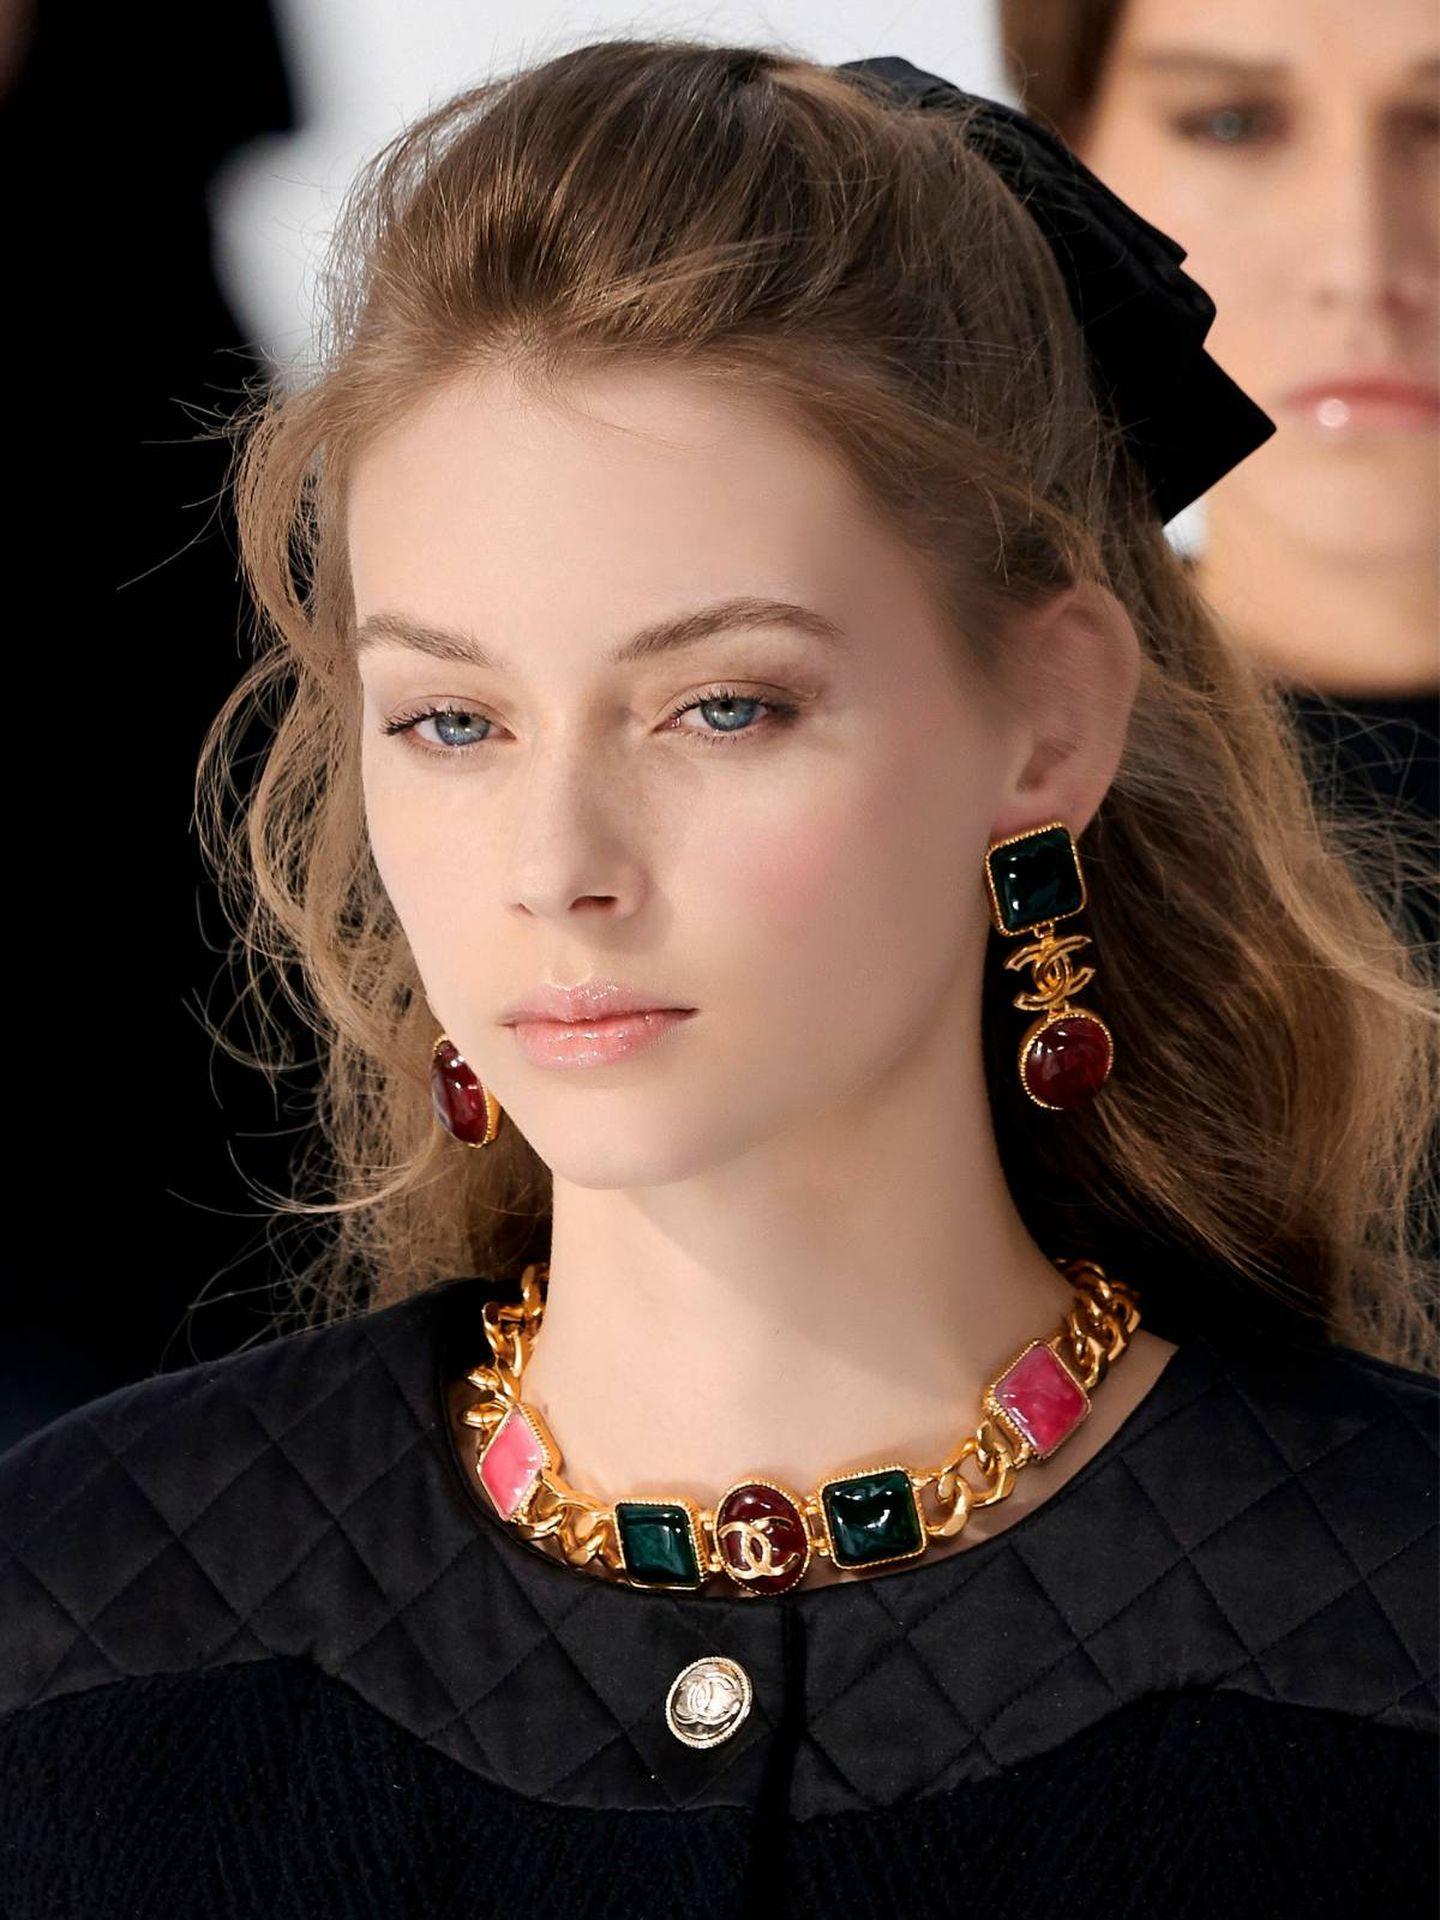 Modelo con semirrecogido noventero en el desfile de Chanel. (Imaxtree)